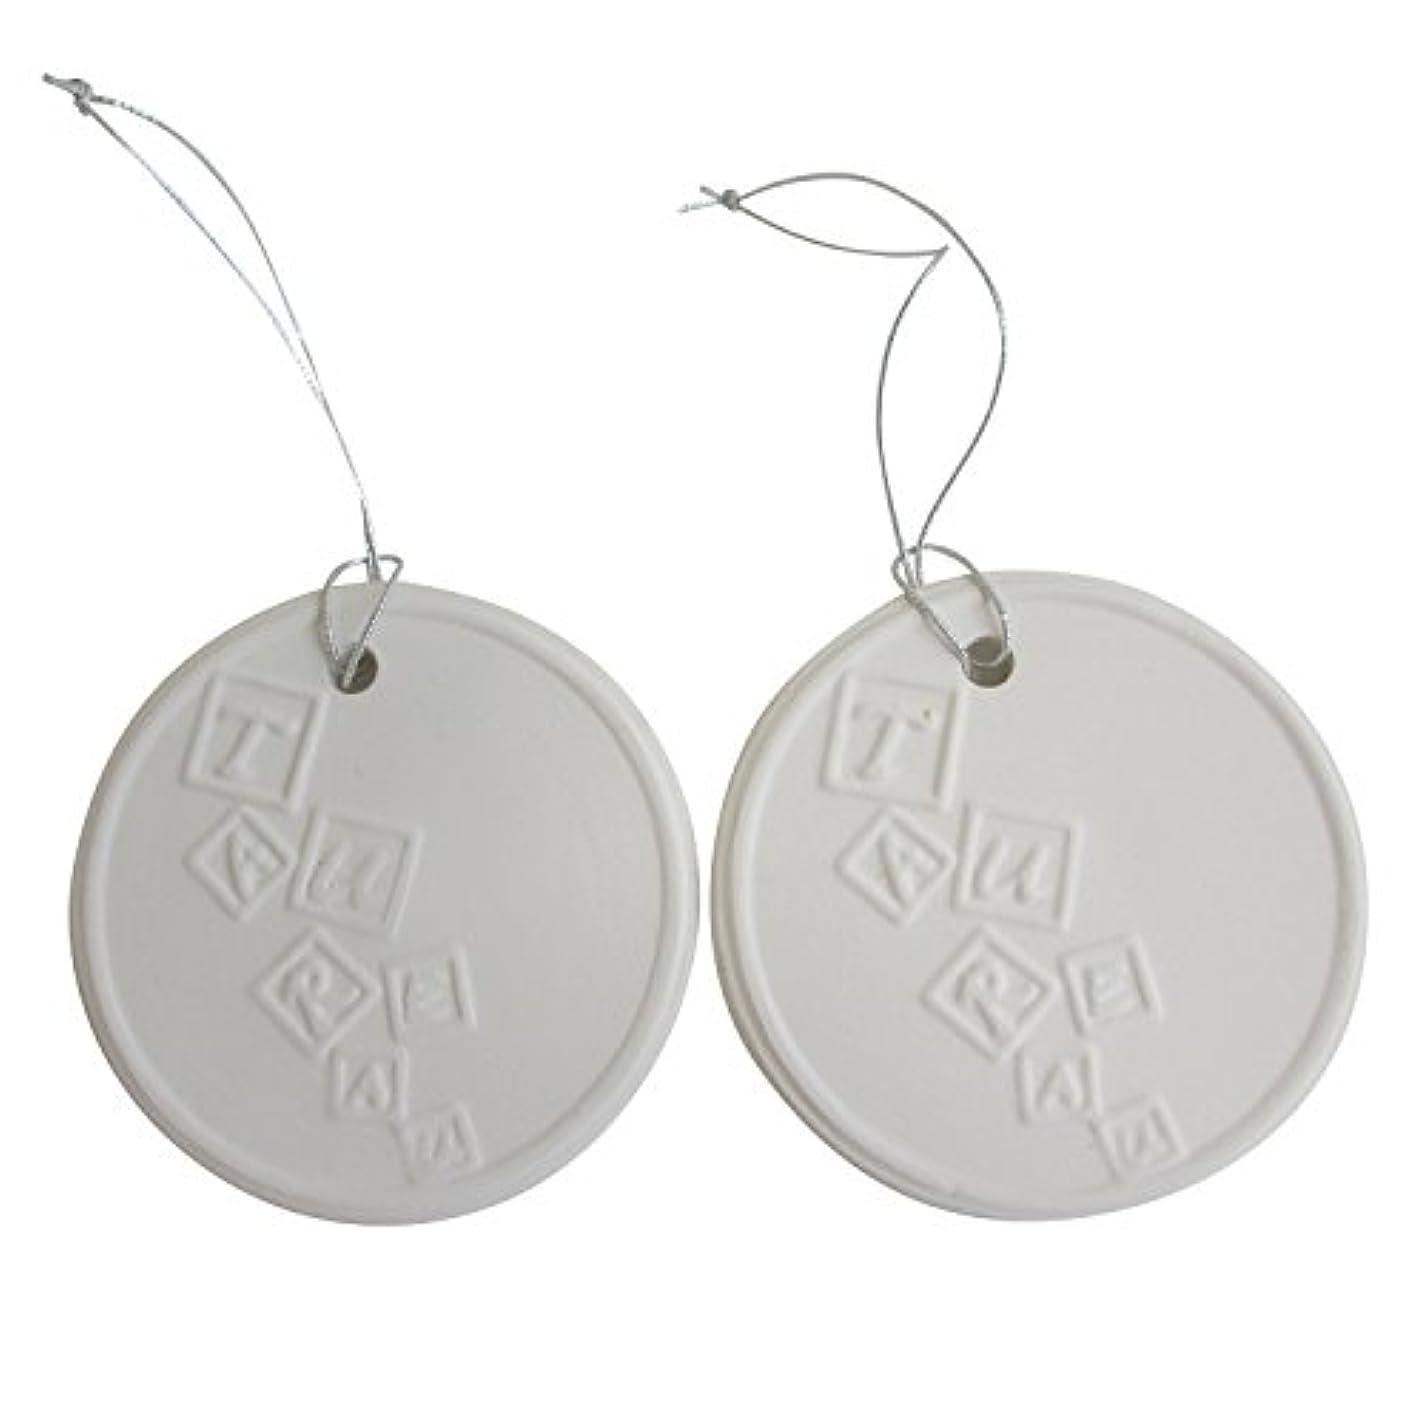 常にスポーツをするバタフライアロマストーン ホワイトコイン 2セット(ロゴ2) アクセサリー 小物 キーホルダー アロマディフューザー ペンダント 陶器製